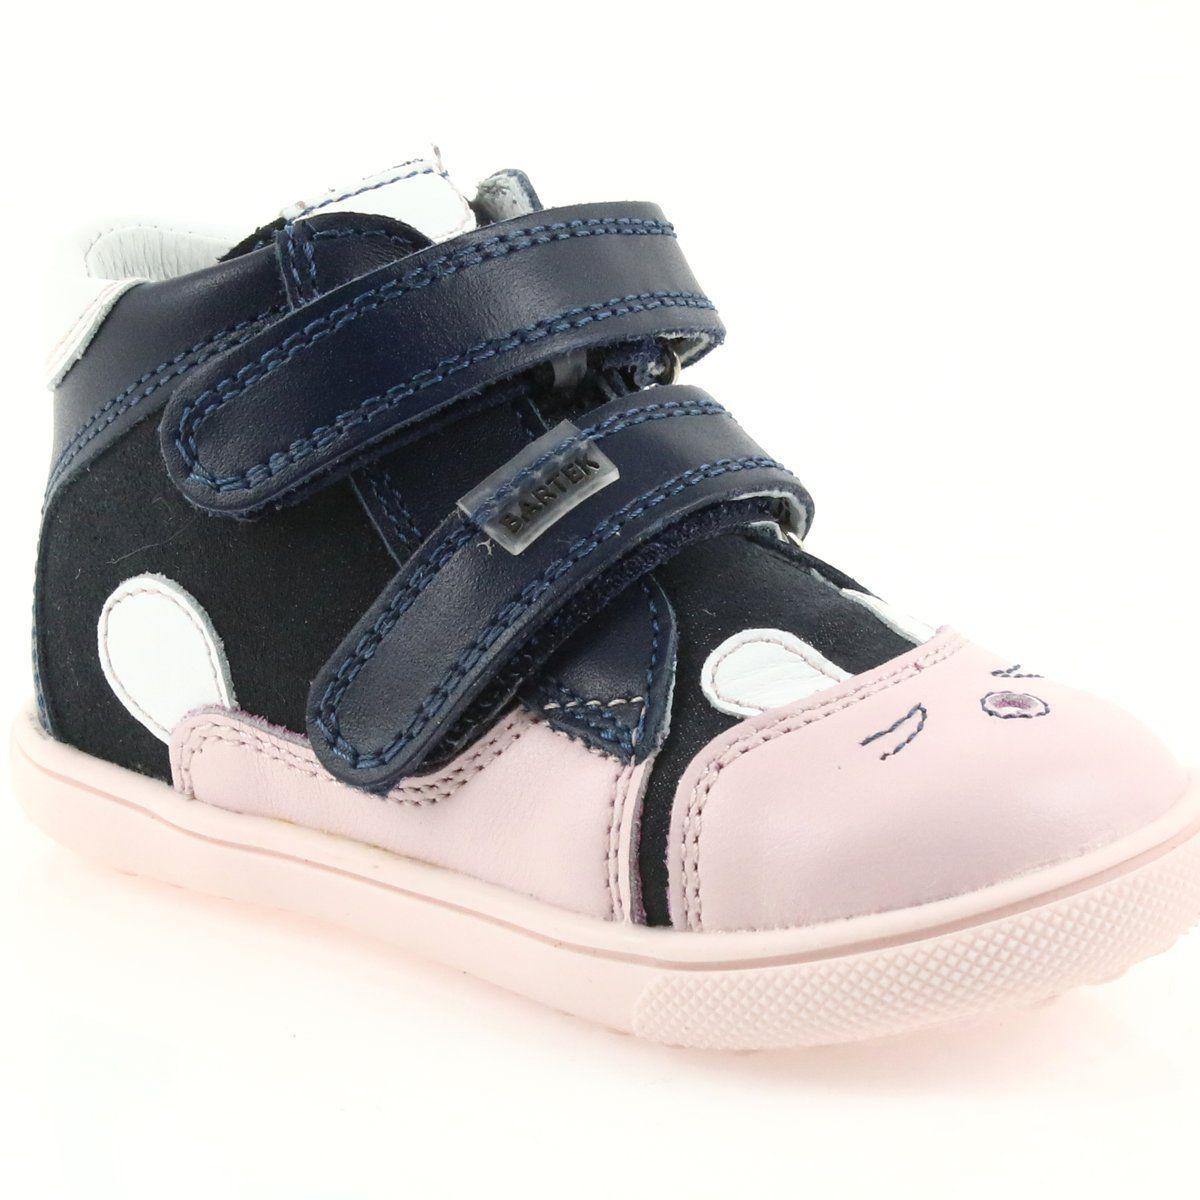 Polbuty I Trzewiki Dzieciece Dla Dzieci Bartek Trzewiki Buty Dzieciece Na Rzepy Krolik Bartek 11702 Childrens Shoes Kid Shoes Shoe Boots